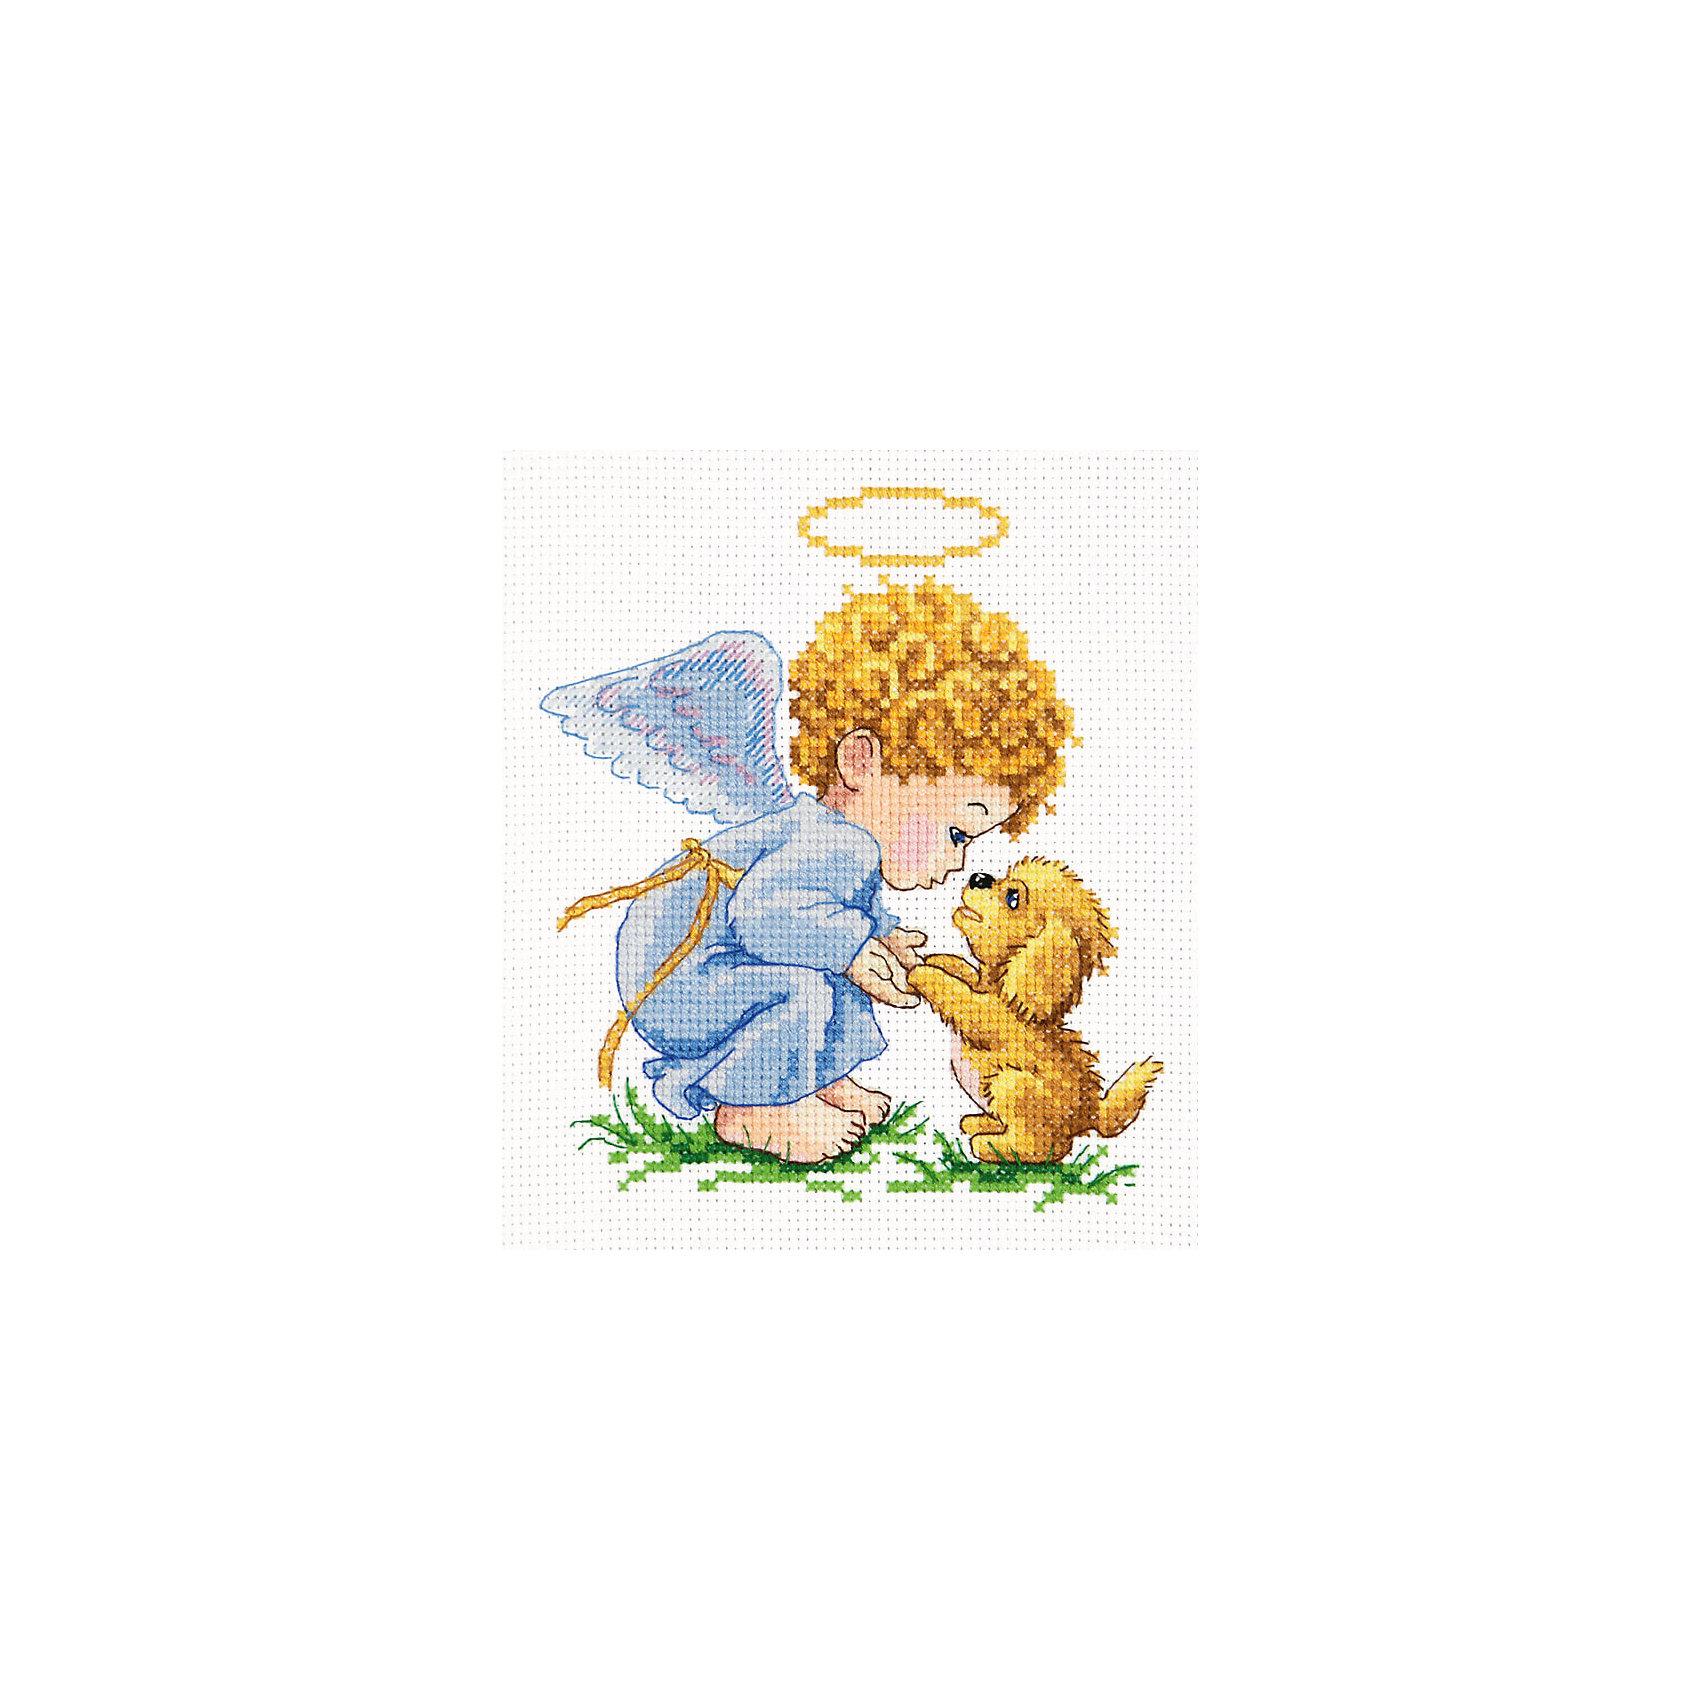 Вышивка крестом Ангел с кроликом - купить в интернет 54